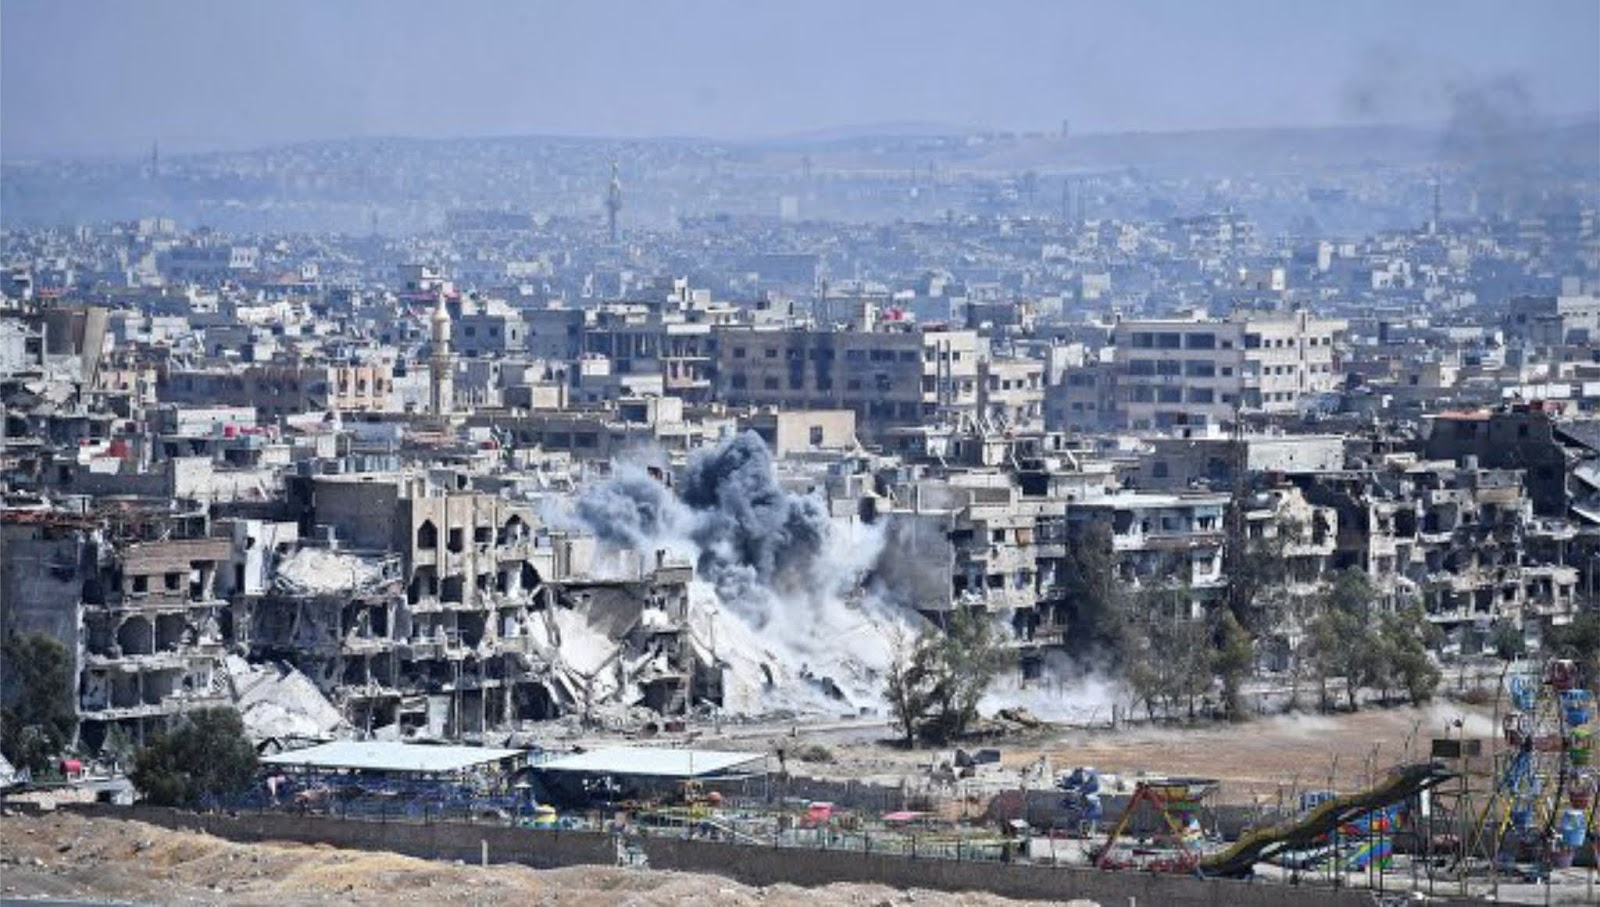 Perancis siap menyerang jika terjadi penggunaan senjata kimia di Suriah